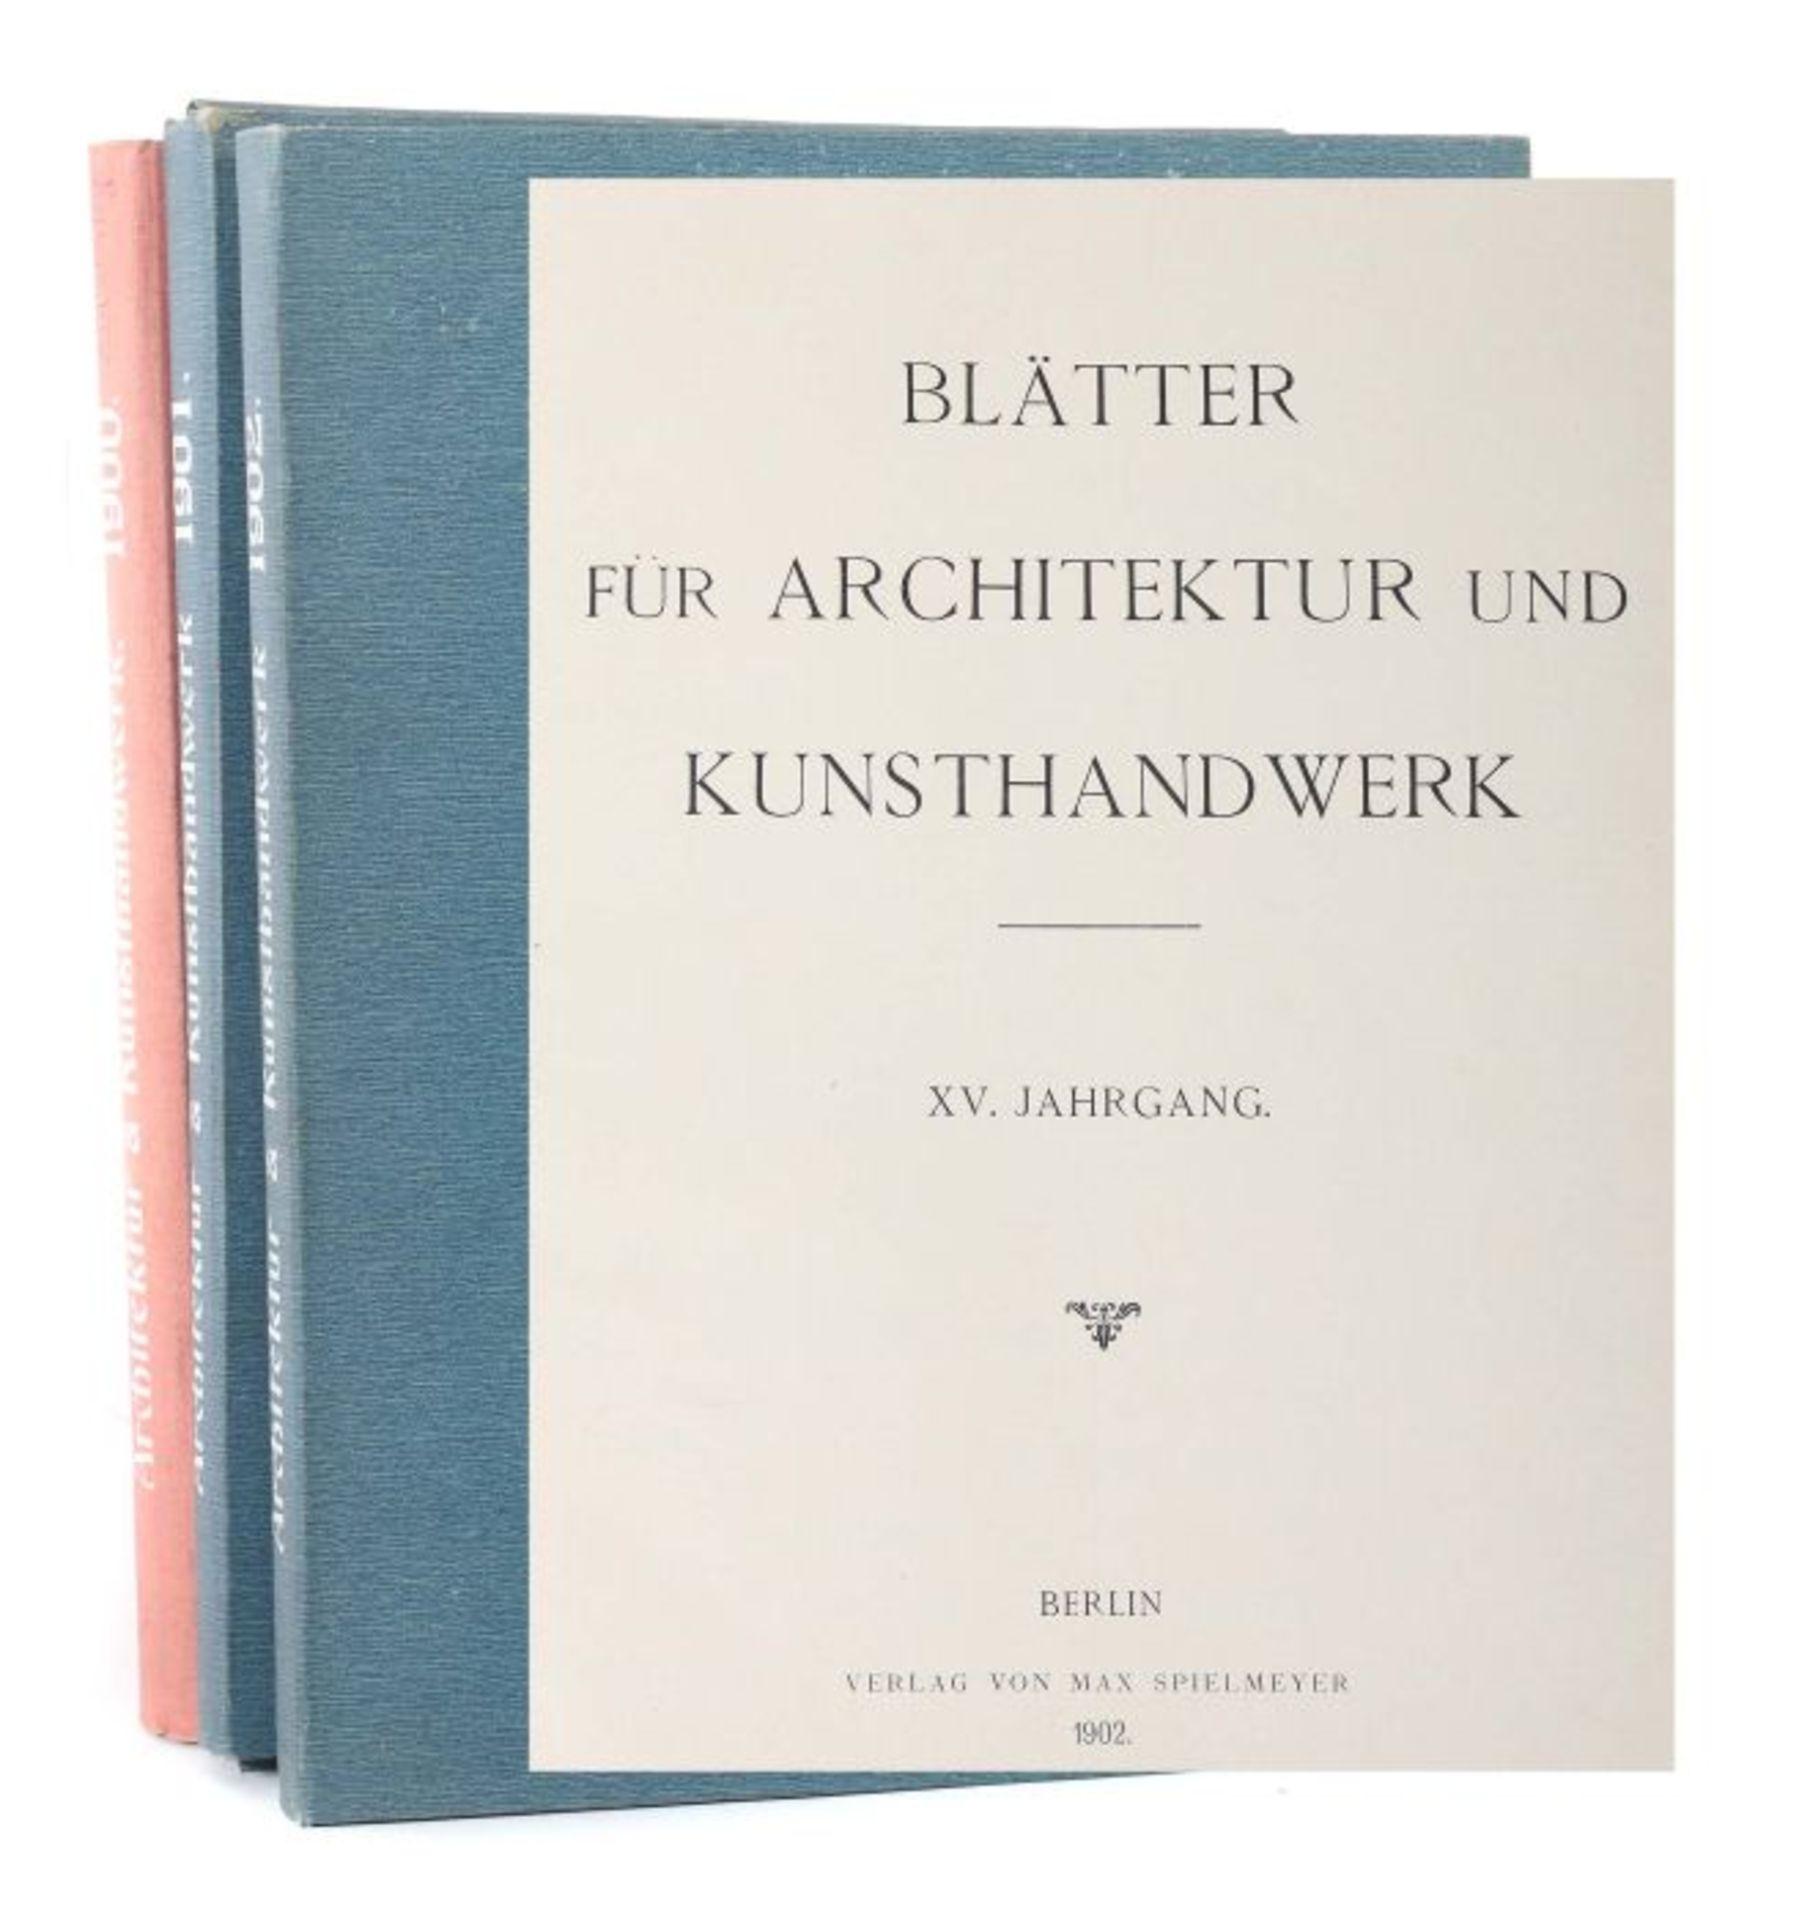 Blätter für Architektur und Kunsthandwerk Oldenbourg/Spielmeyer, Berlin, 1900-02, 3 Bde., je mit